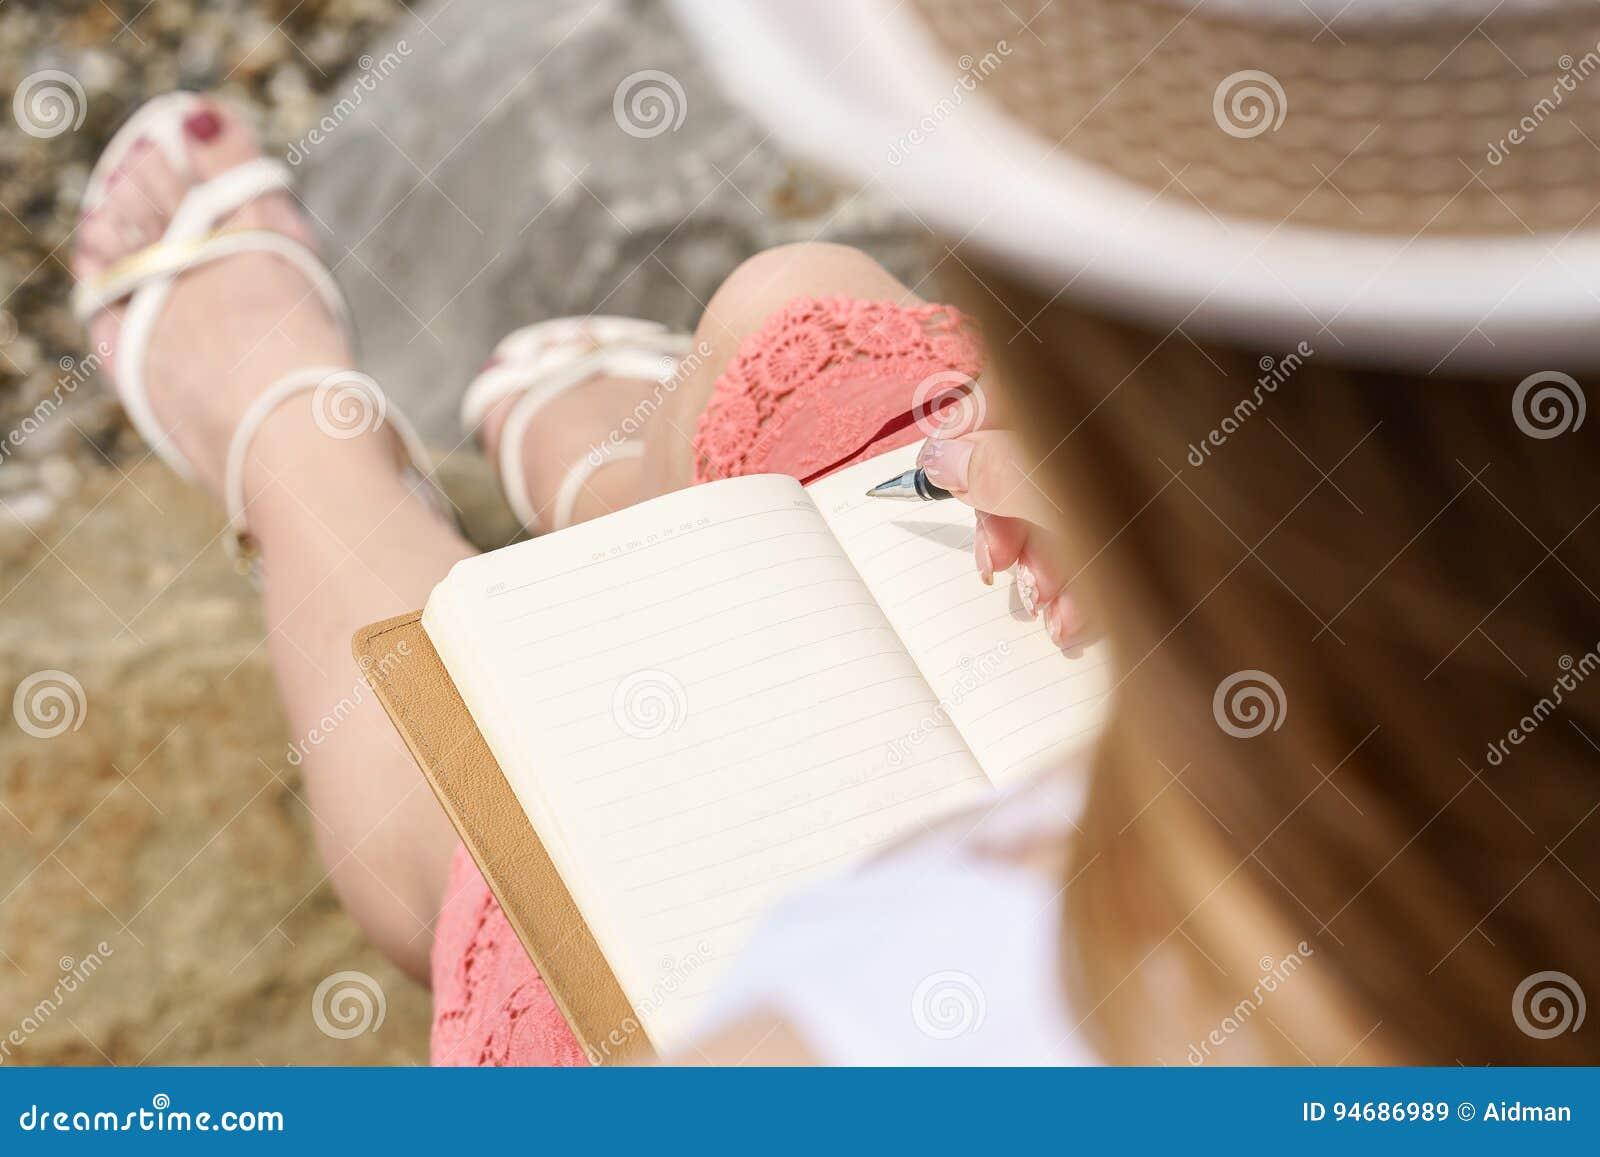 En nätt europeisk kvinna är sittinen på en sten c och att skriva något idé, brev eller jobb vid pennan i hennes anmärkningsbok